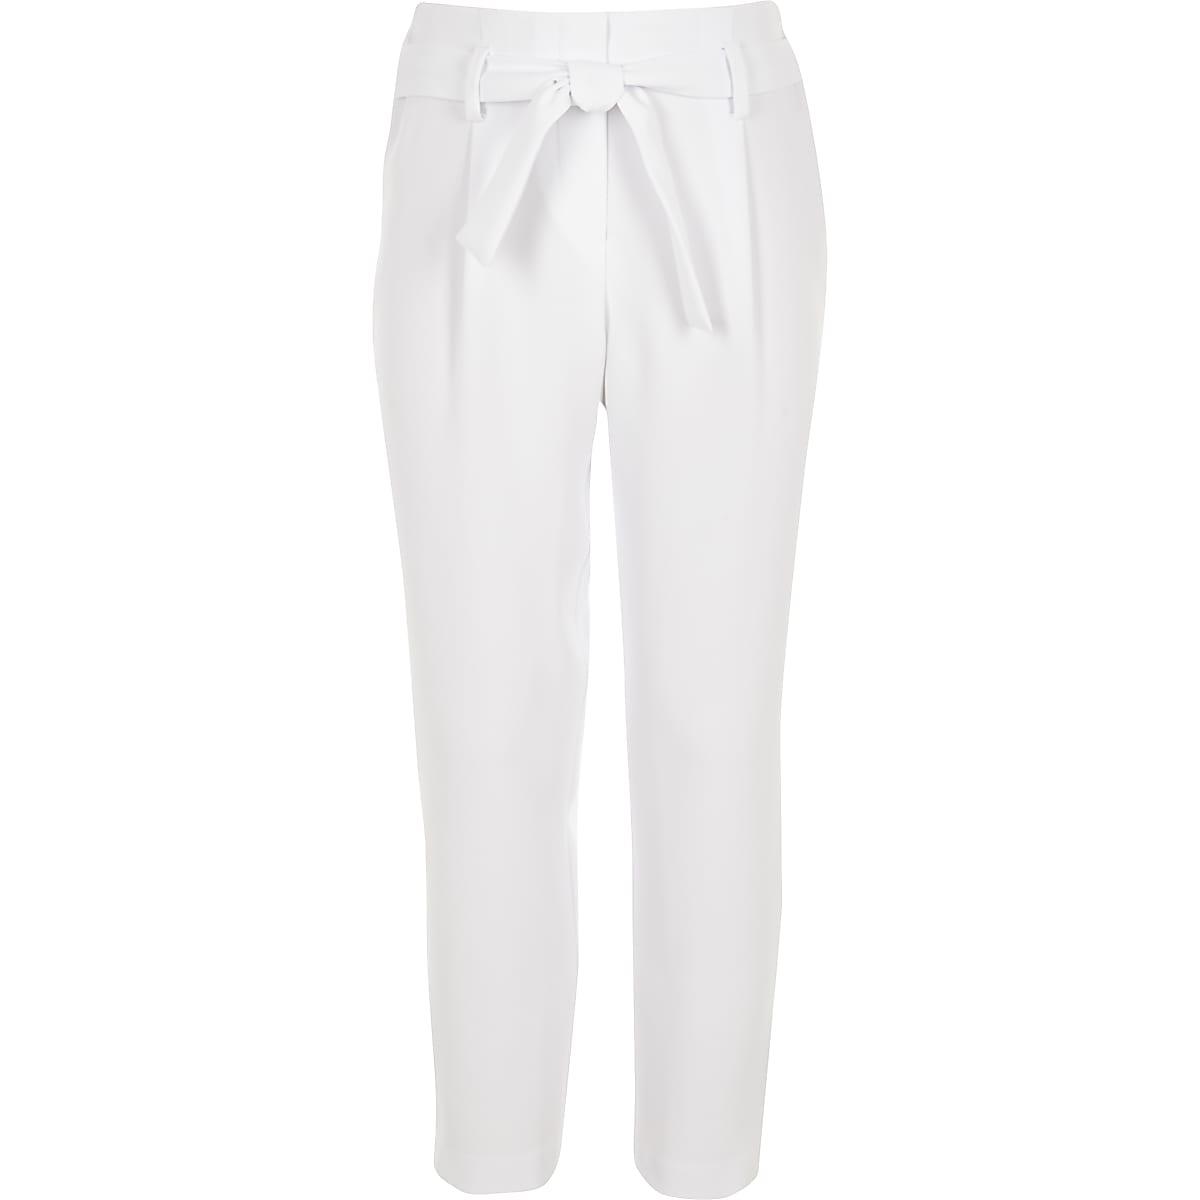 Girls white tapered tie waist pants